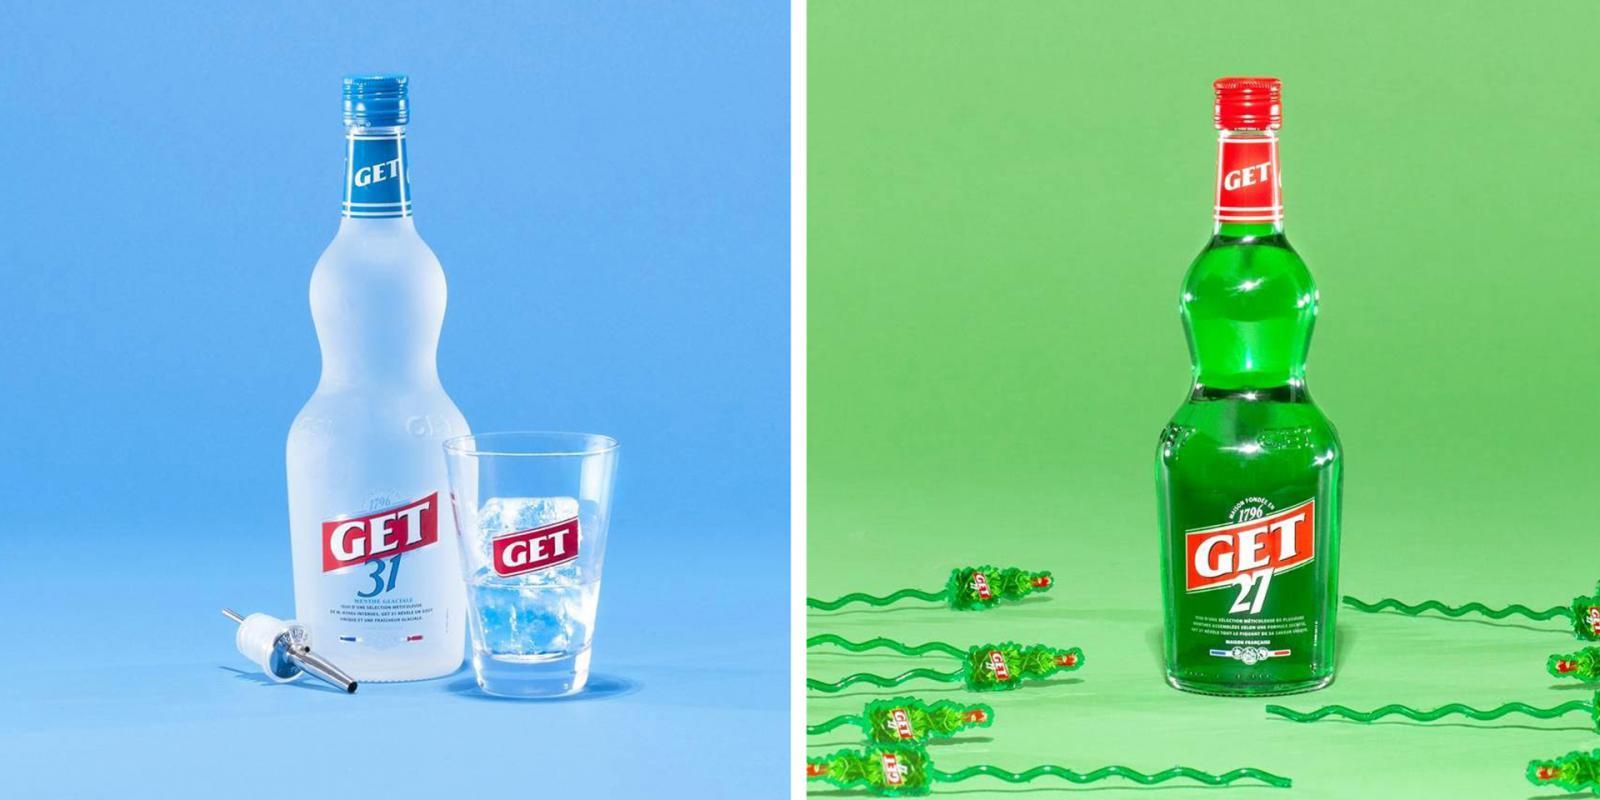 Image représentant le produit Get 27/31 en grand format, pour mieux voir le produit.